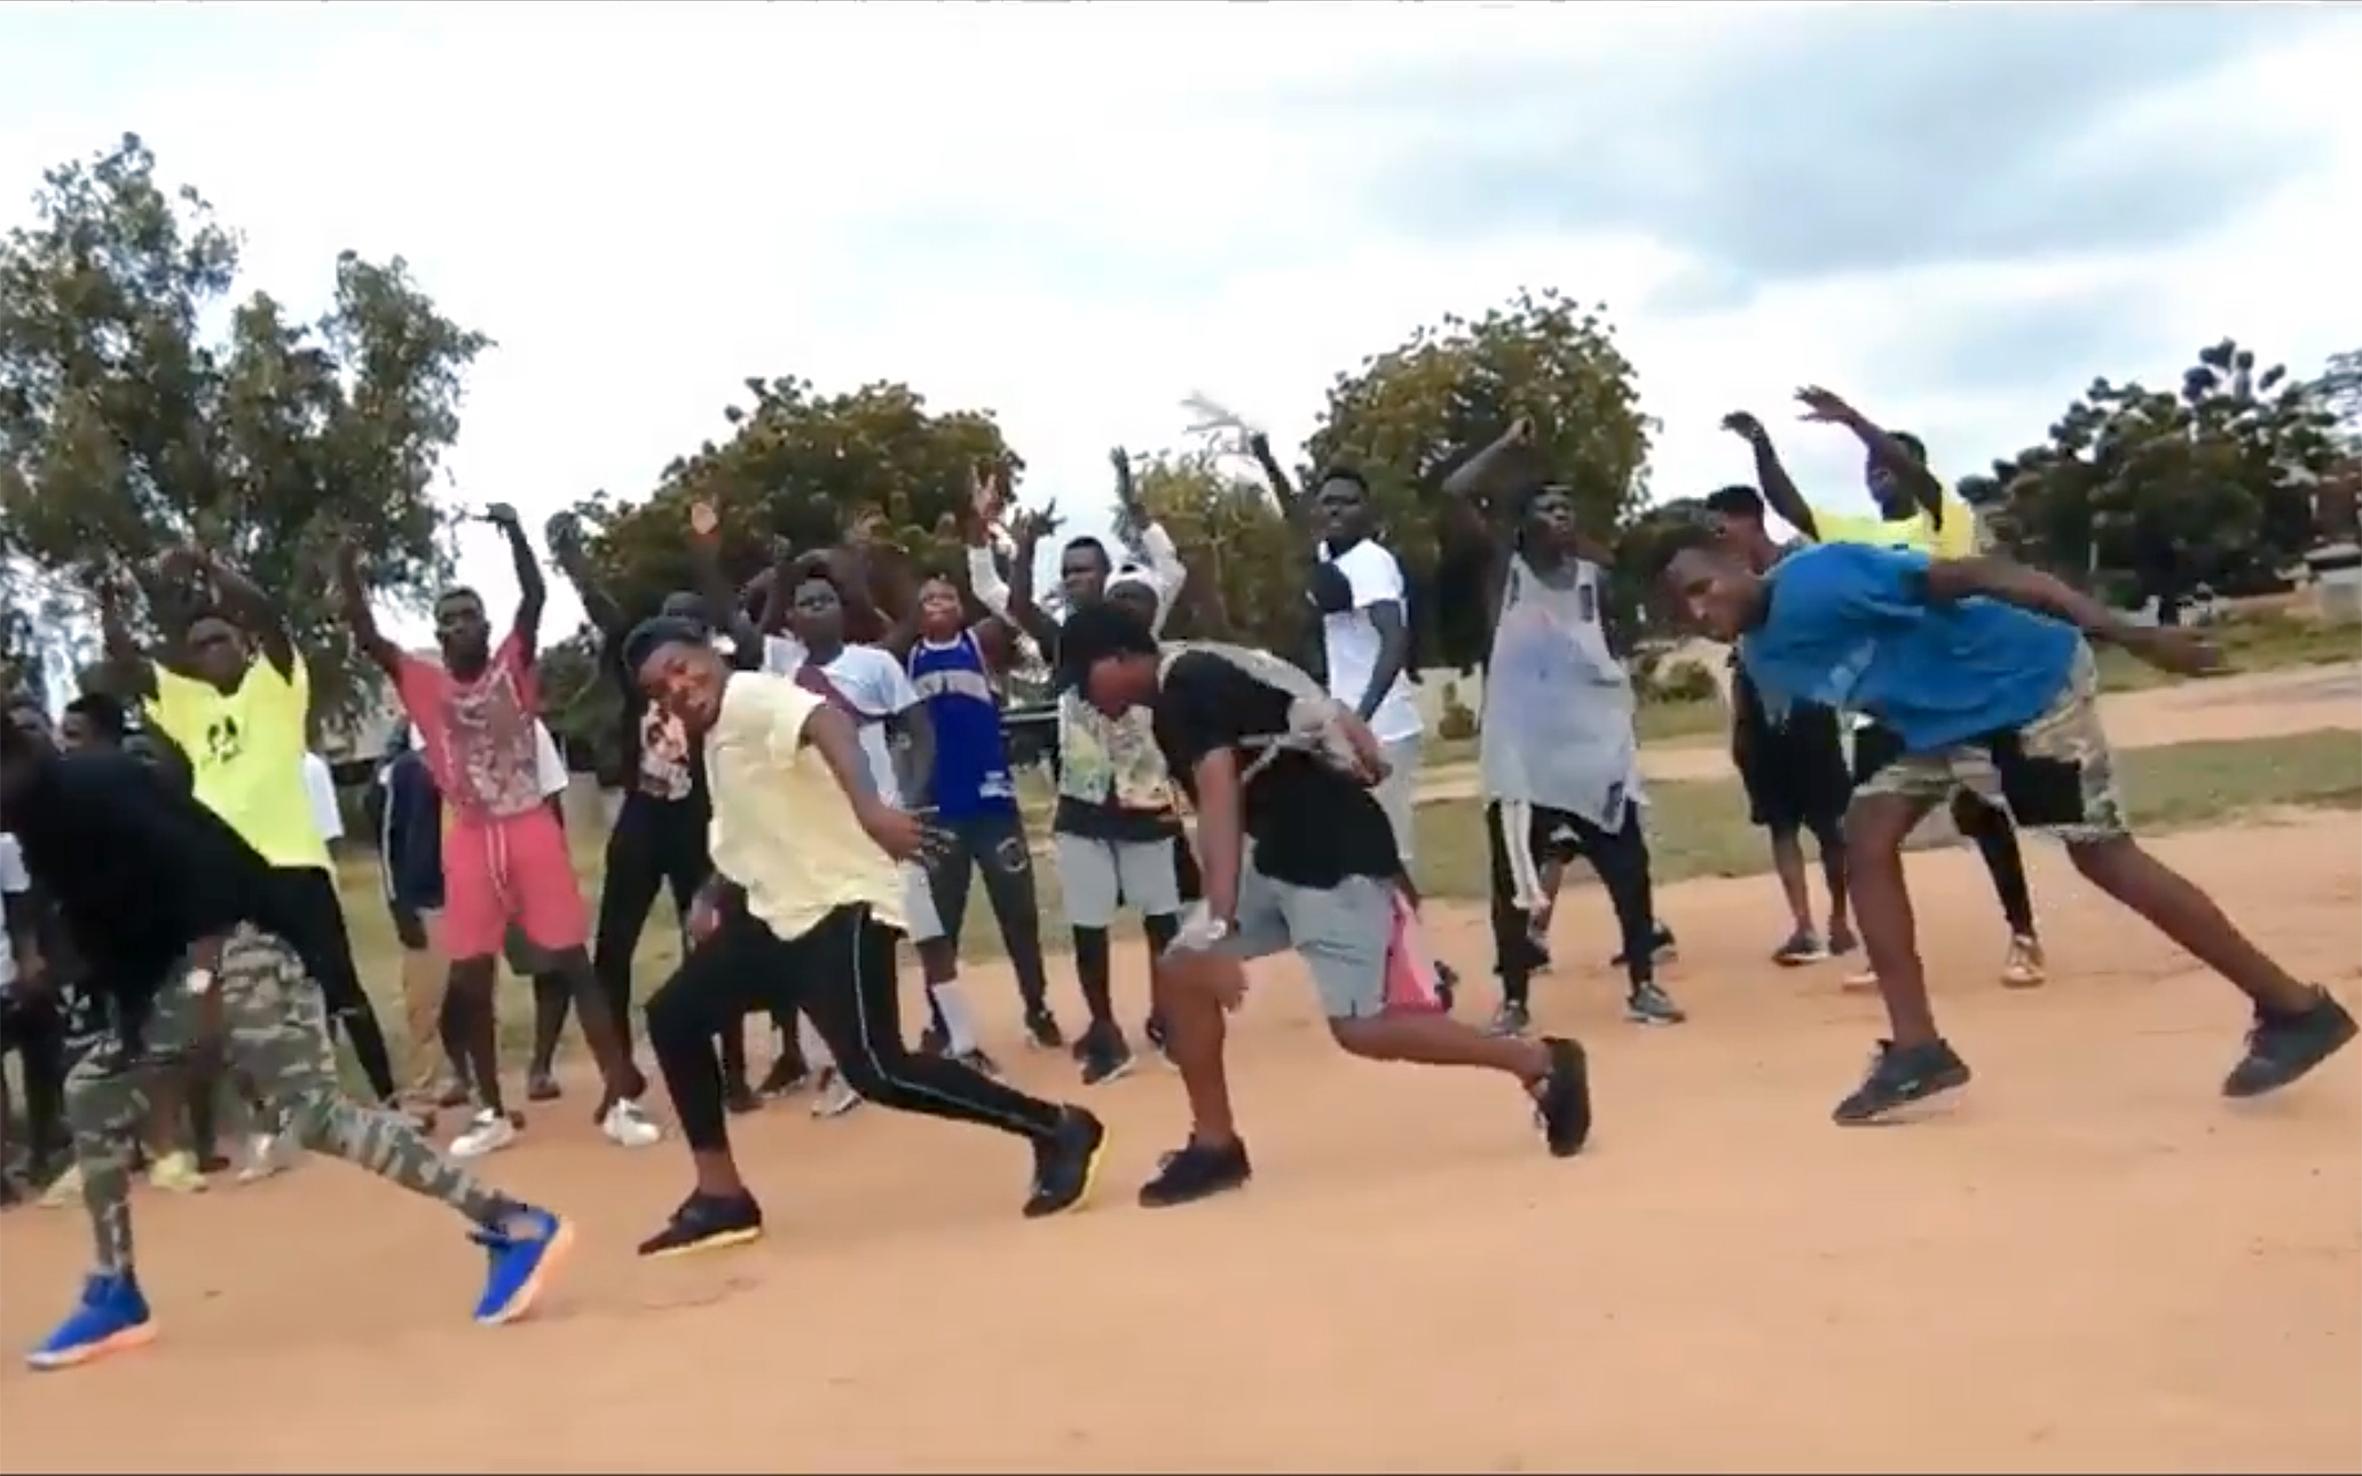 20.Aku Shaku / Togo - Aku Shaku is an afro urban dance born in Togo.